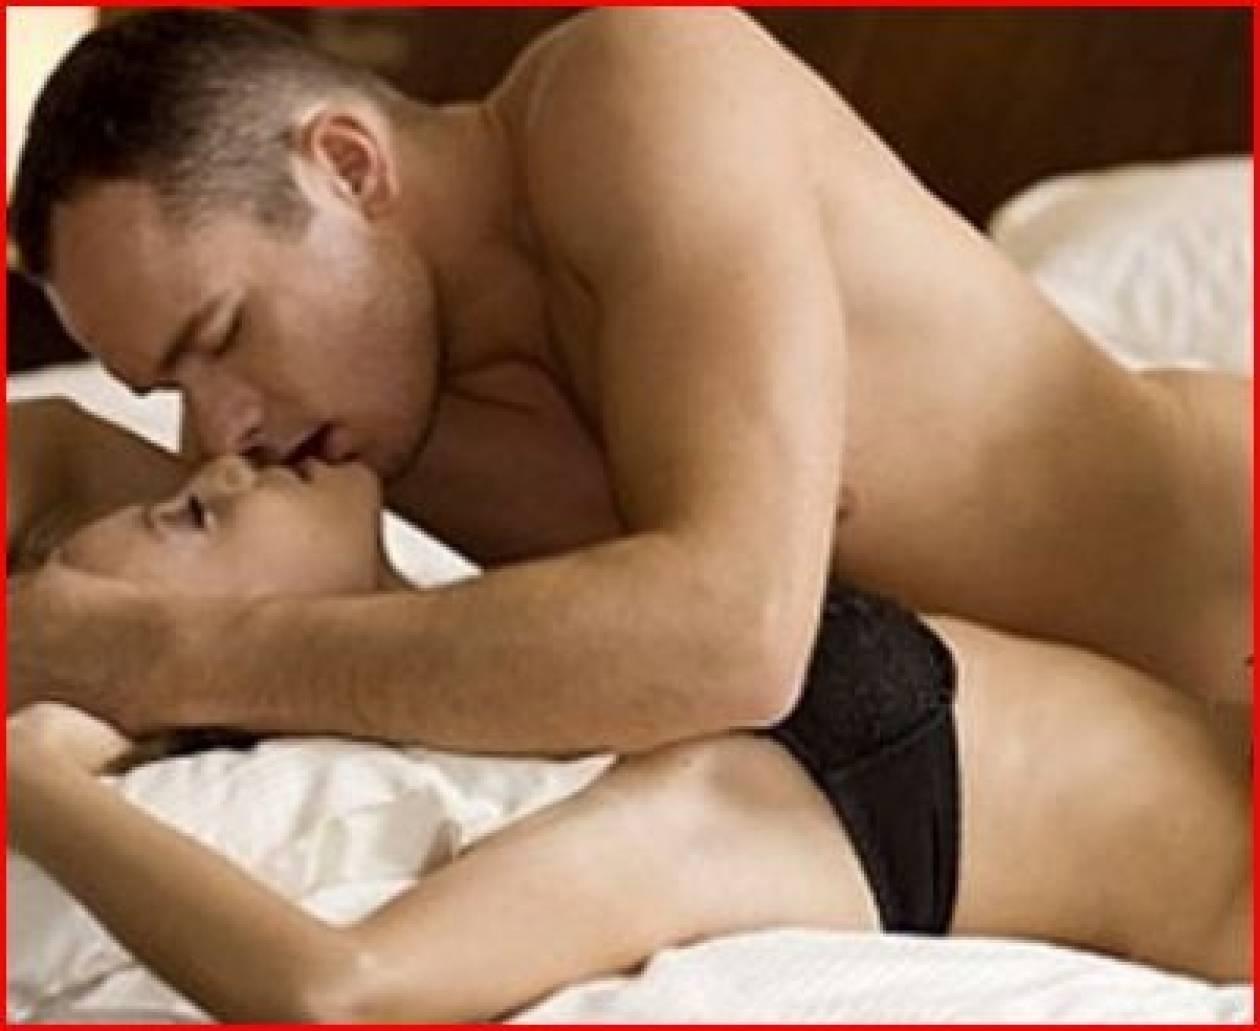 5 μικρες αλλαγές στην εμφάνισή σας, που θα ζωντανέψουν το sex